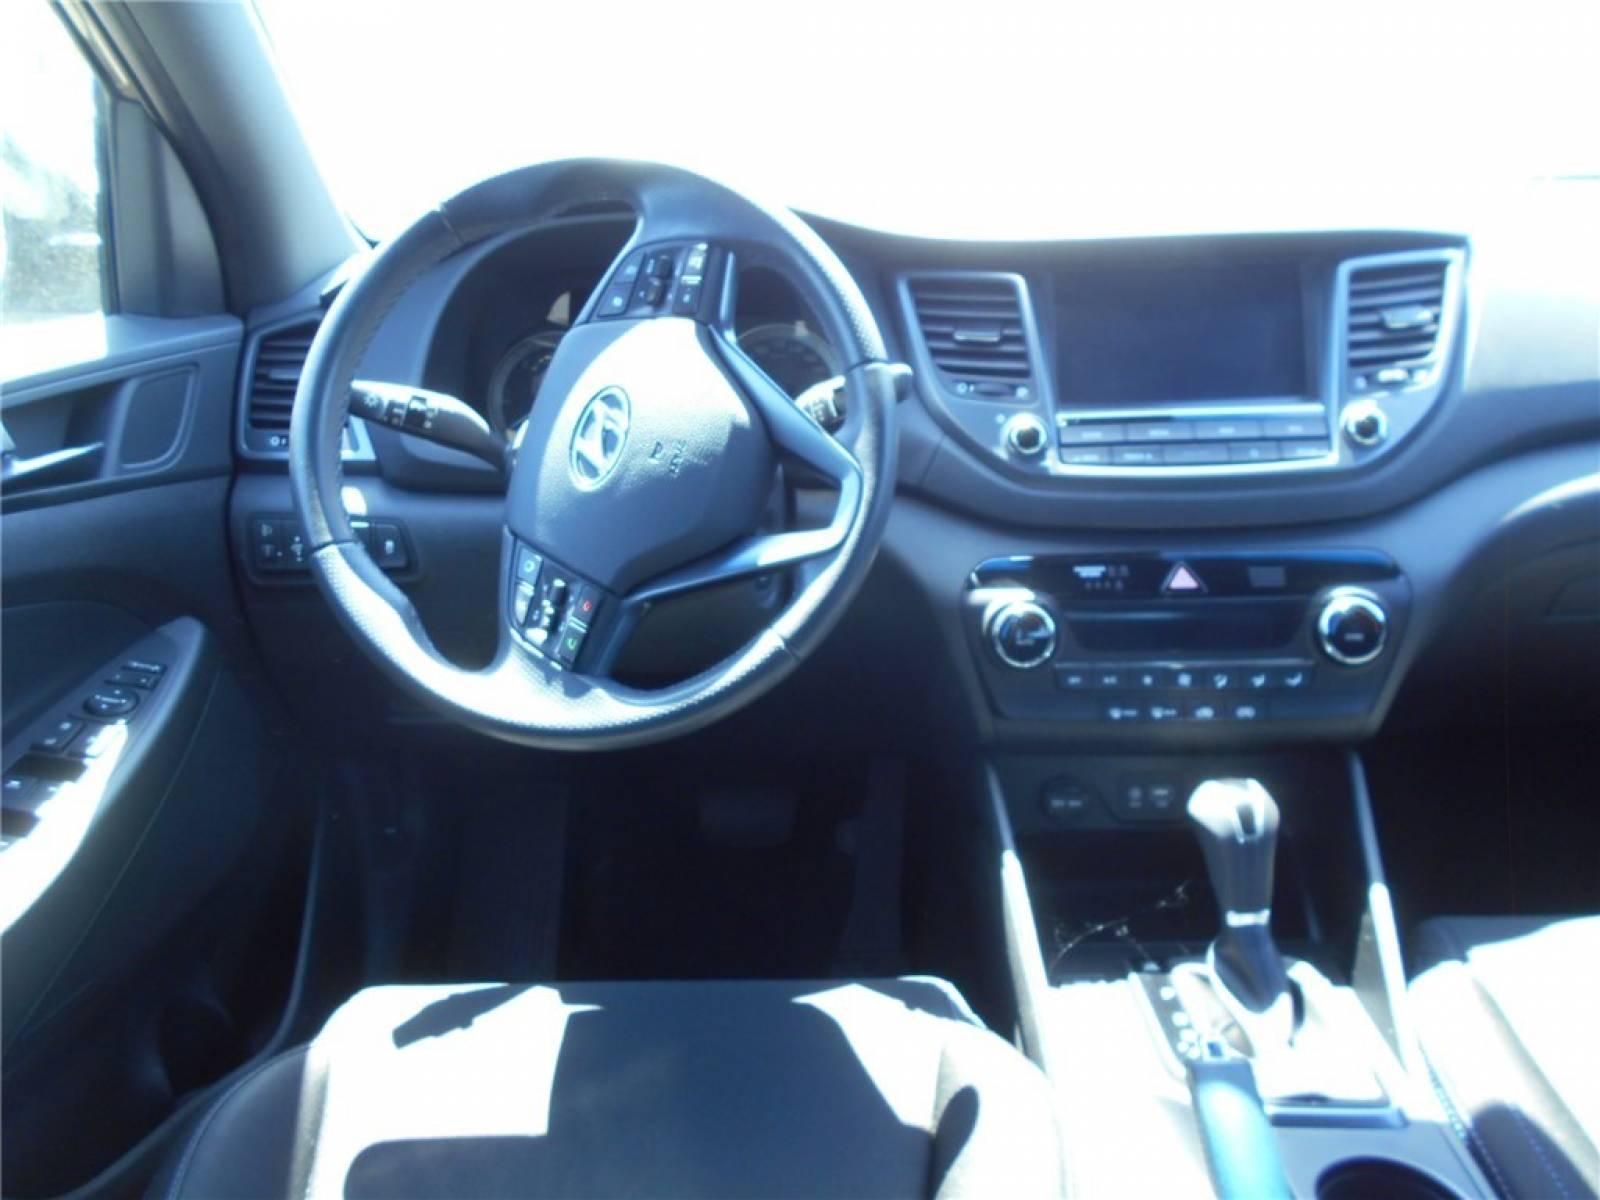 HYUNDAI Tucson 1.7 CRDi 141 2WD DCT-7 - véhicule d'occasion - Groupe Guillet - Chalon Automobiles - 71100 - Chalon-sur-Saône - 3